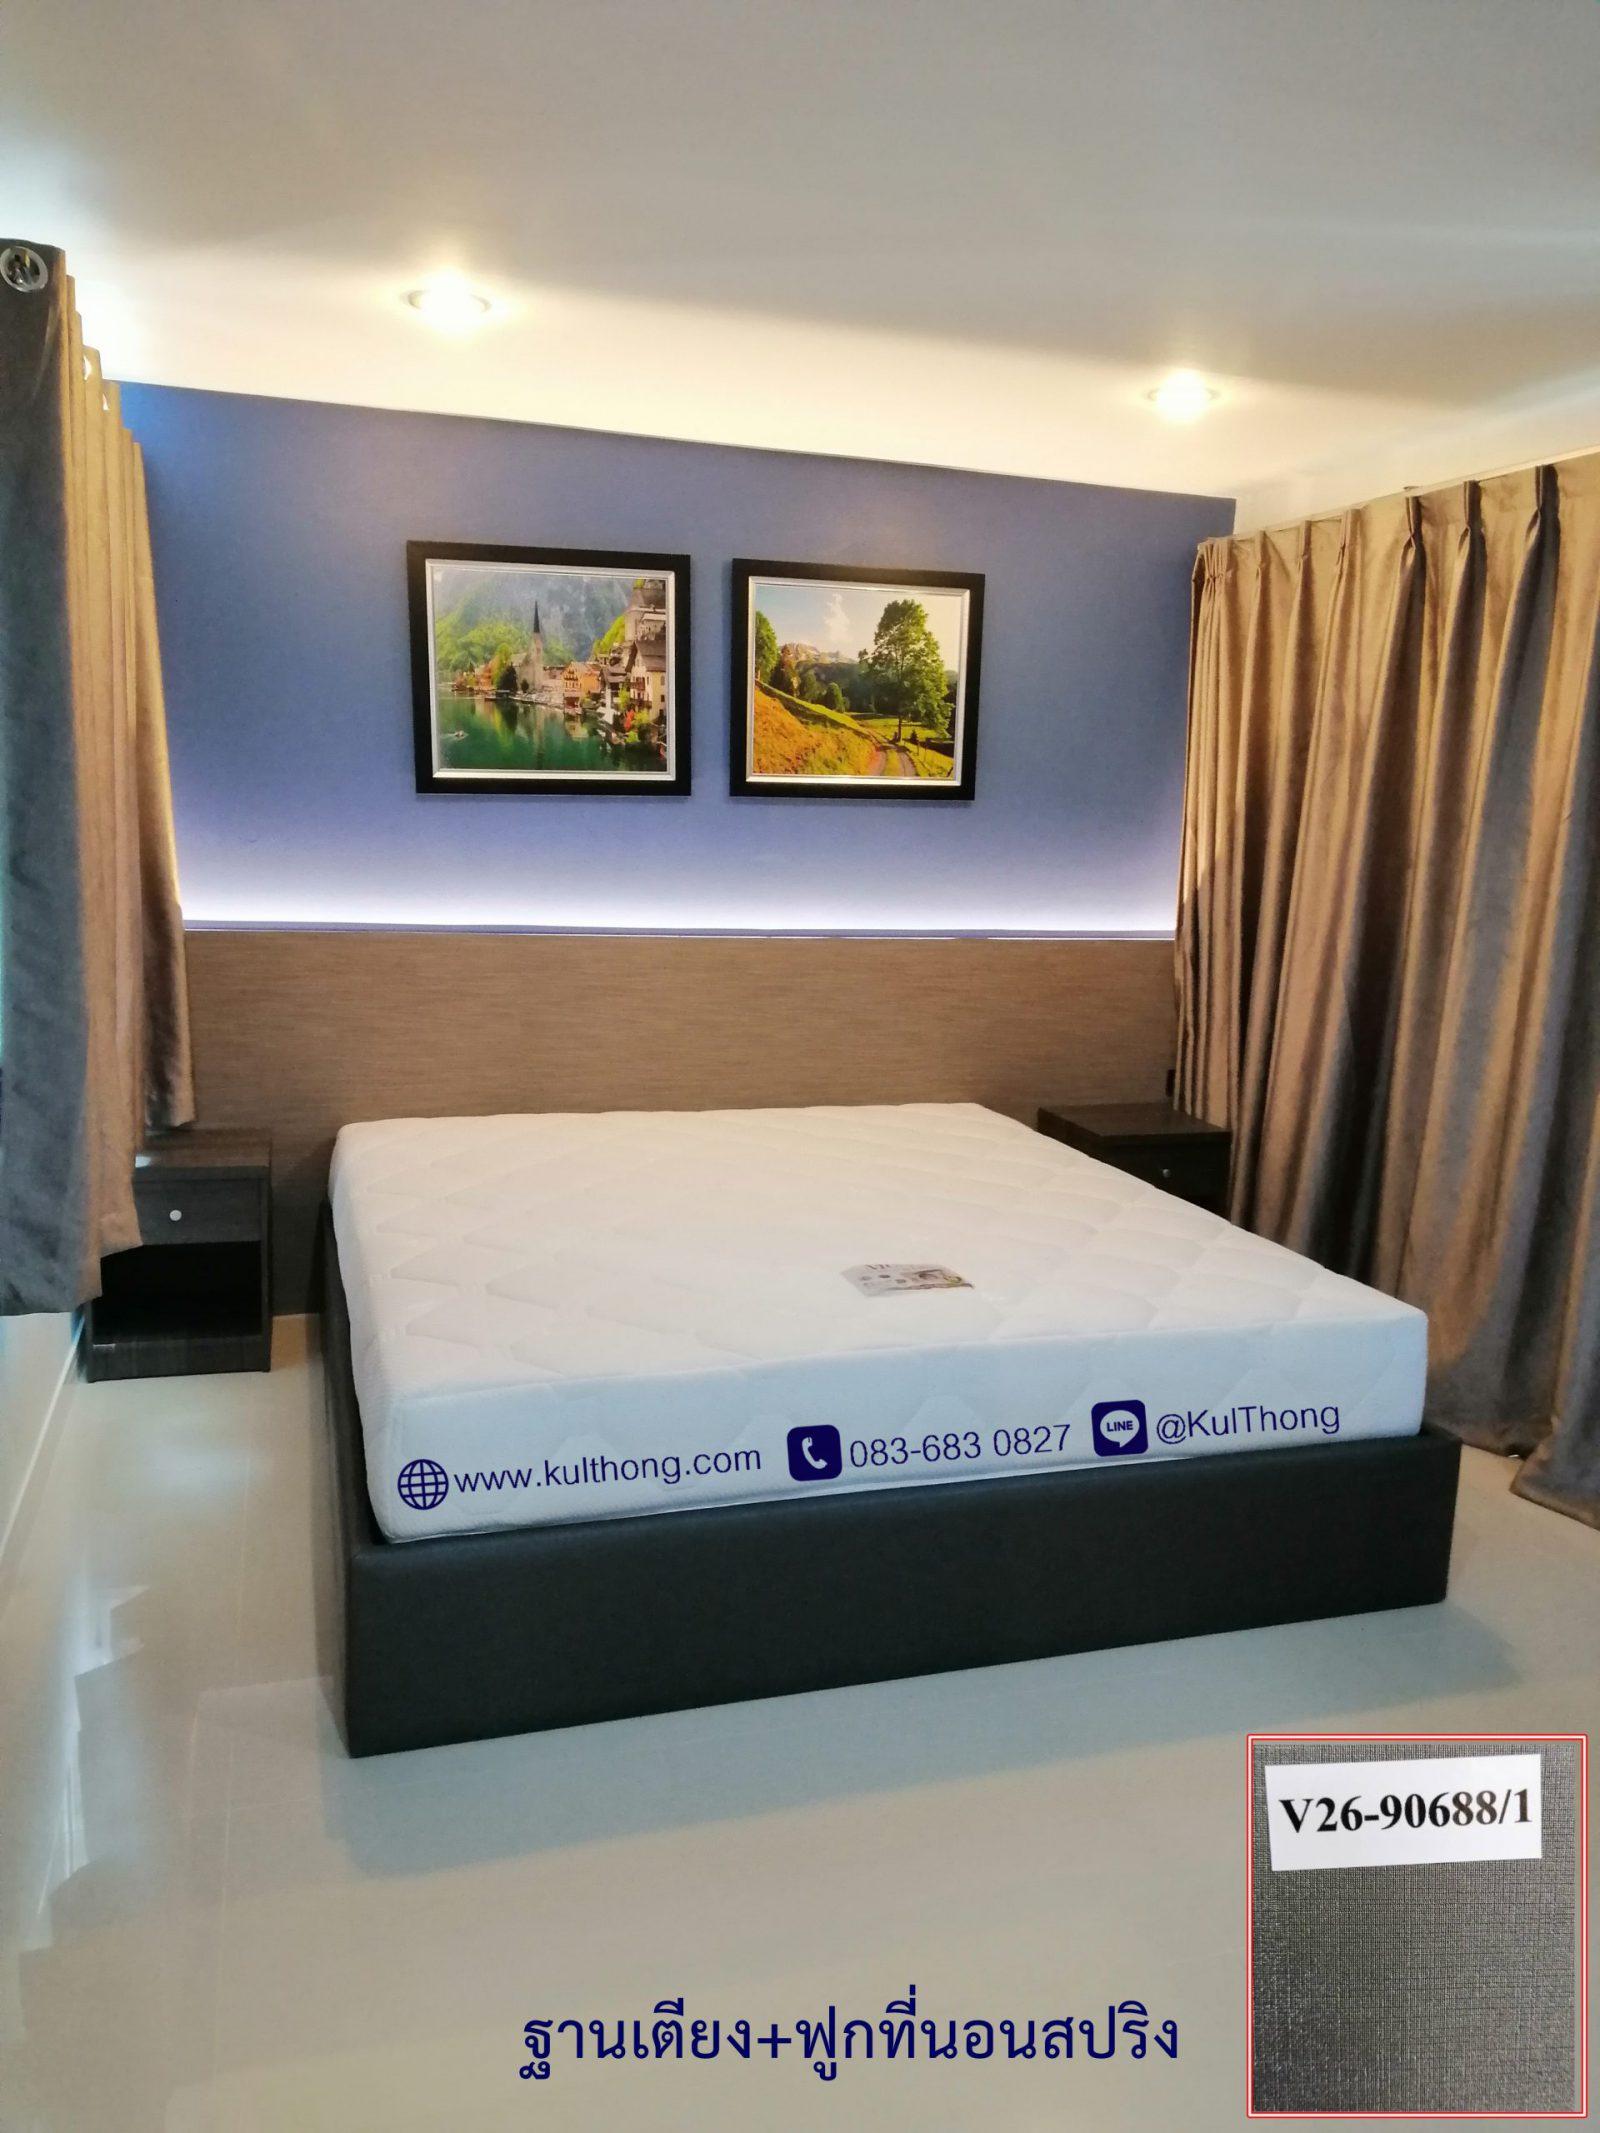 เตียงหุ้มหนัง ฐานเตียงนอน เตียงโรงแรม